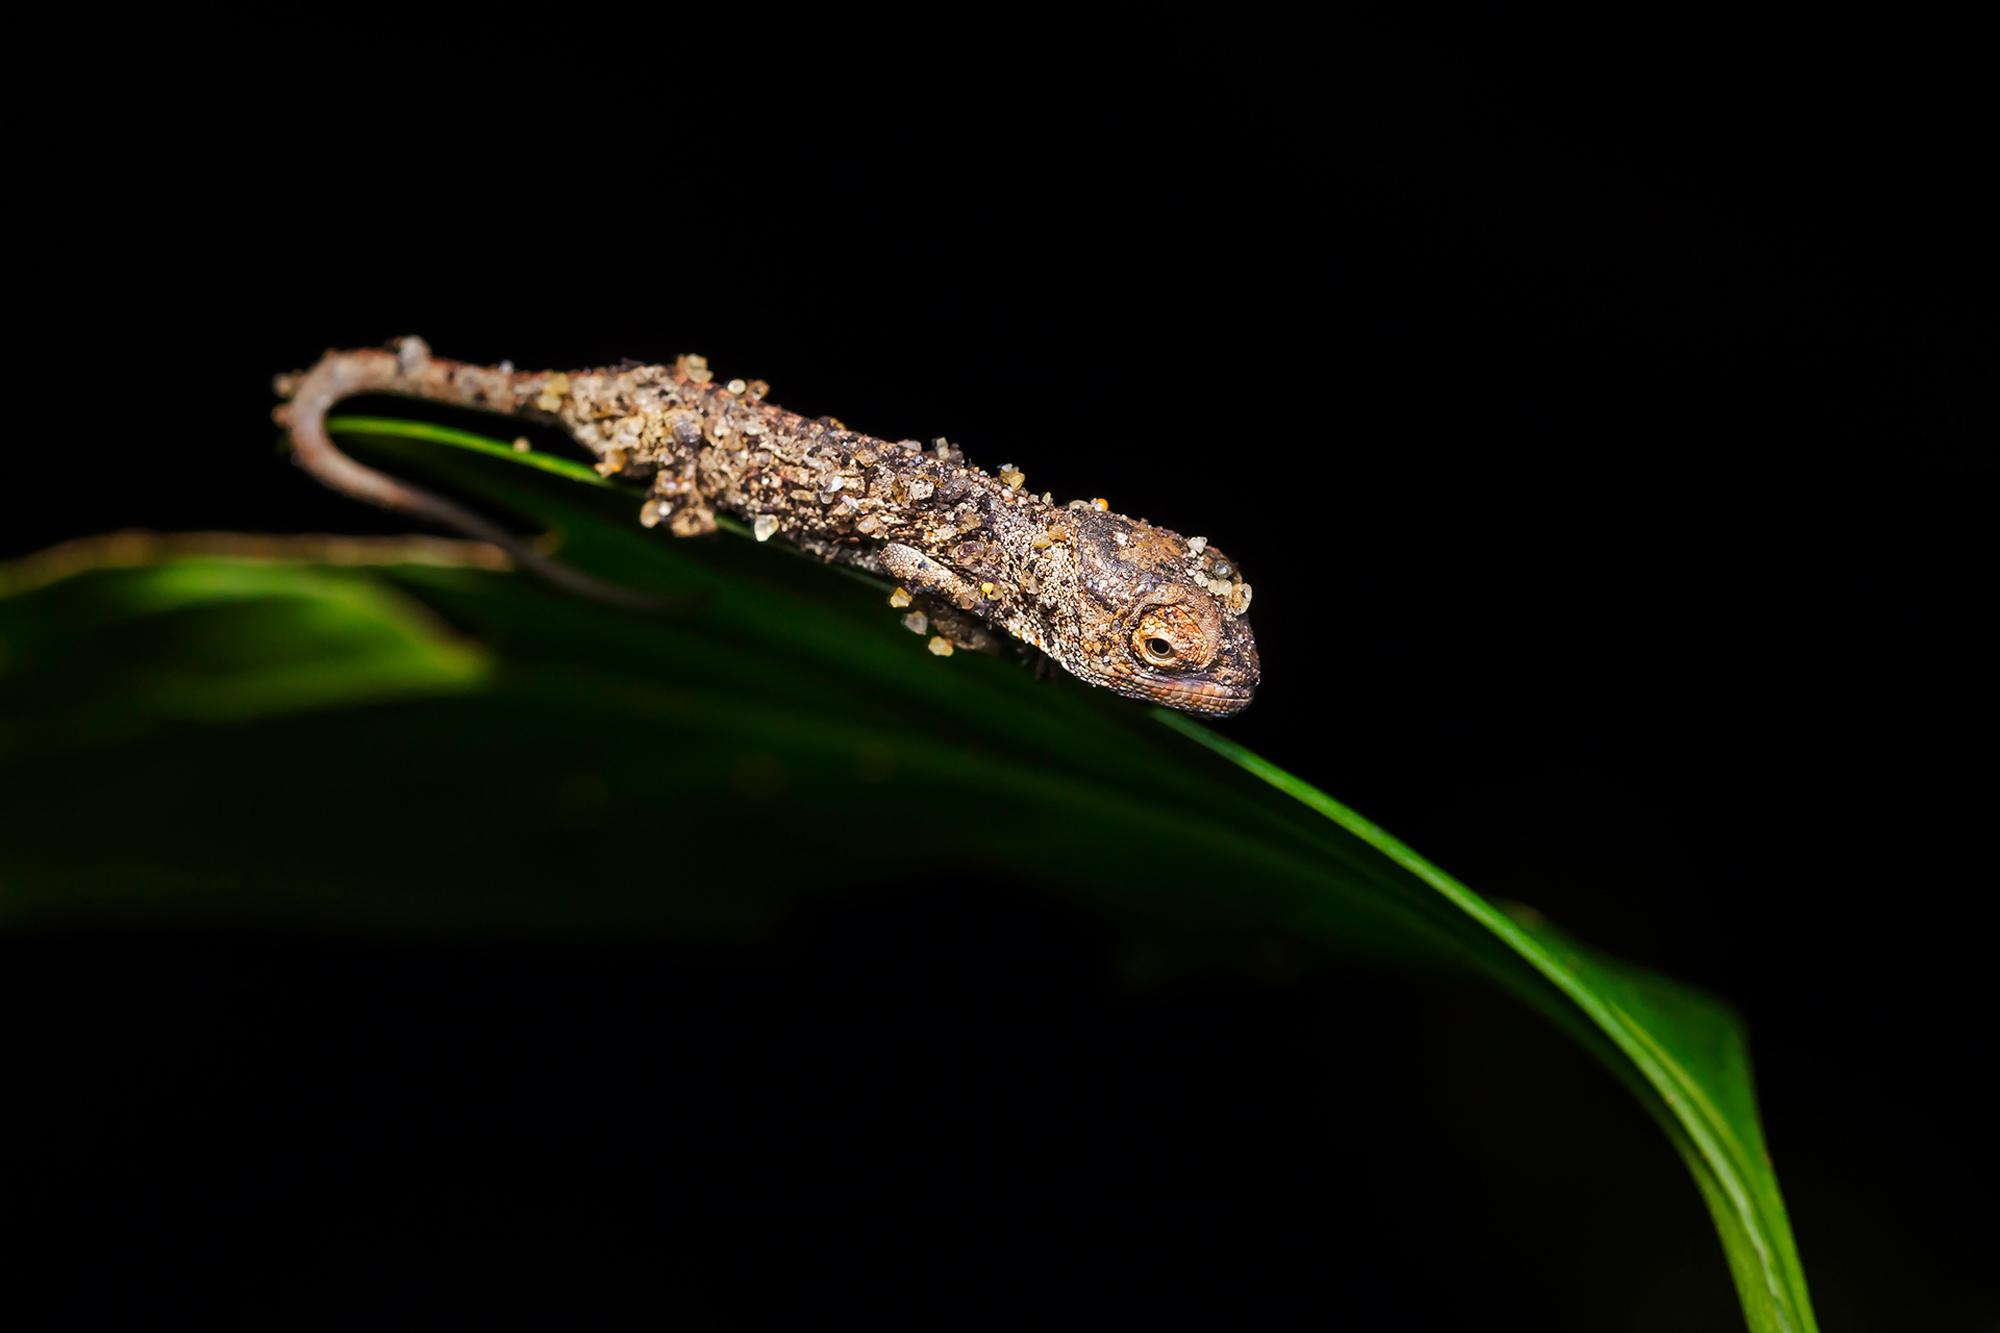 Juvenile panther chameleon on a leaf, Madagascar